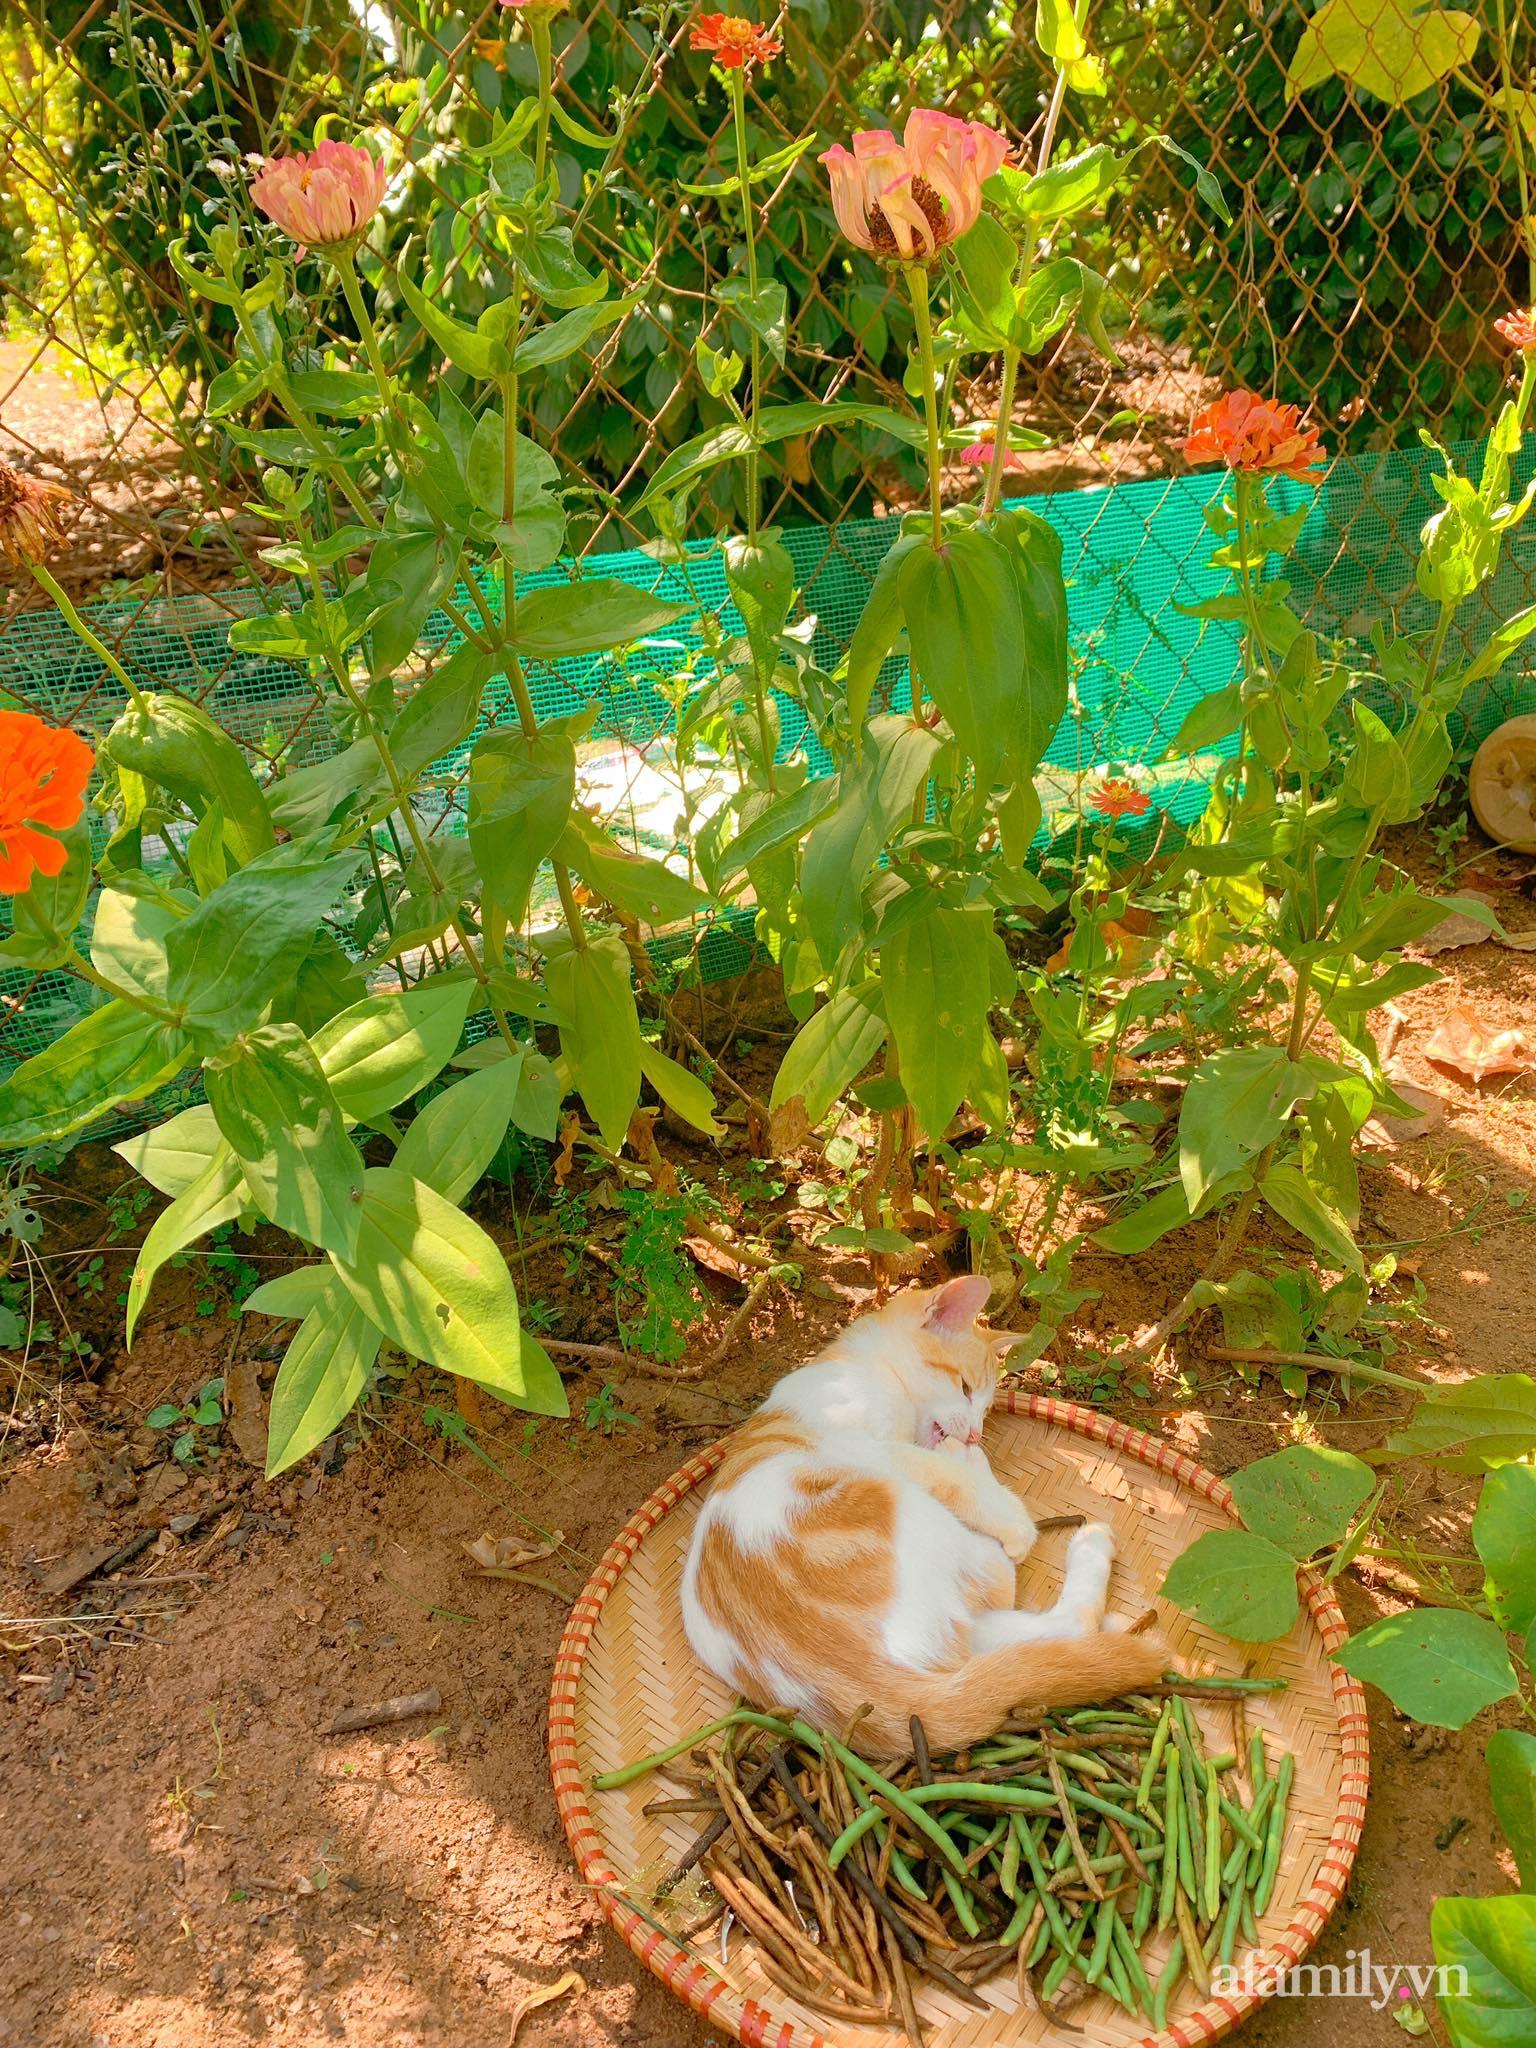 Chán cuộc sống bon chen ở phố, cặp vợ chồng 9X có thu nhập ổn định quyết định chọn về quê sống bình yên bên vườn tược ở Đắk Lắk - Ảnh 10.